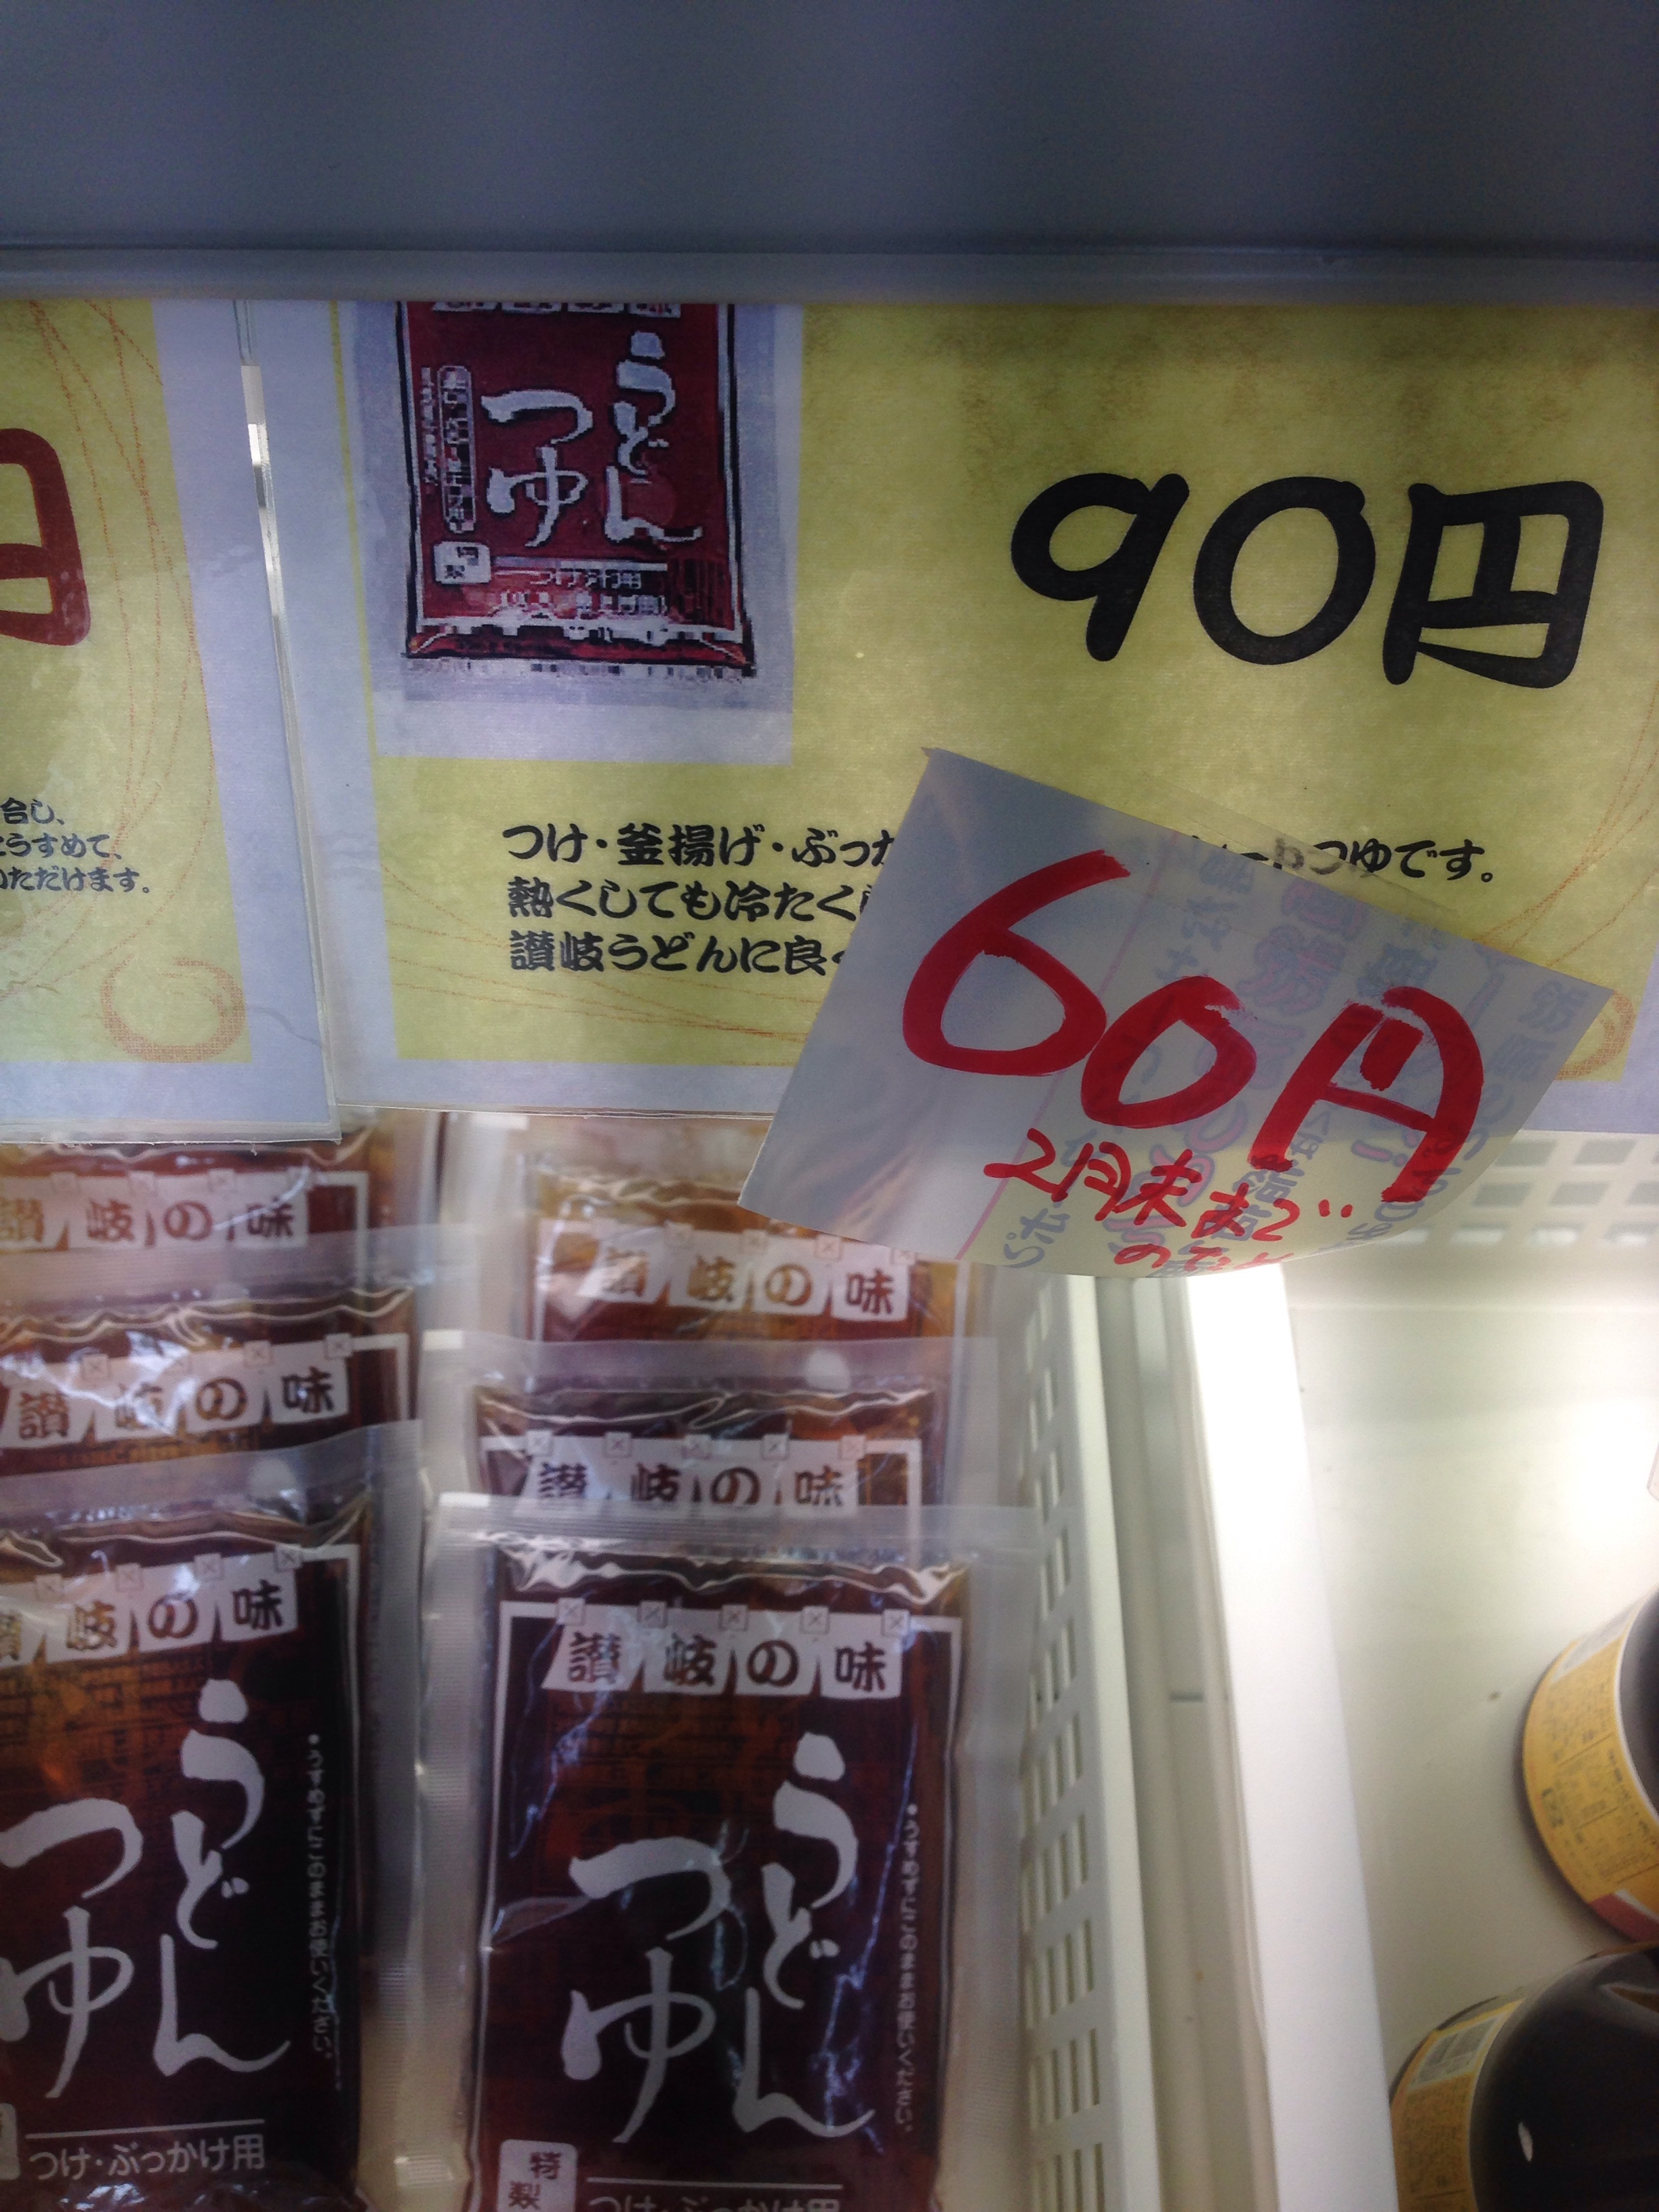 うどん県麺つゆセール中